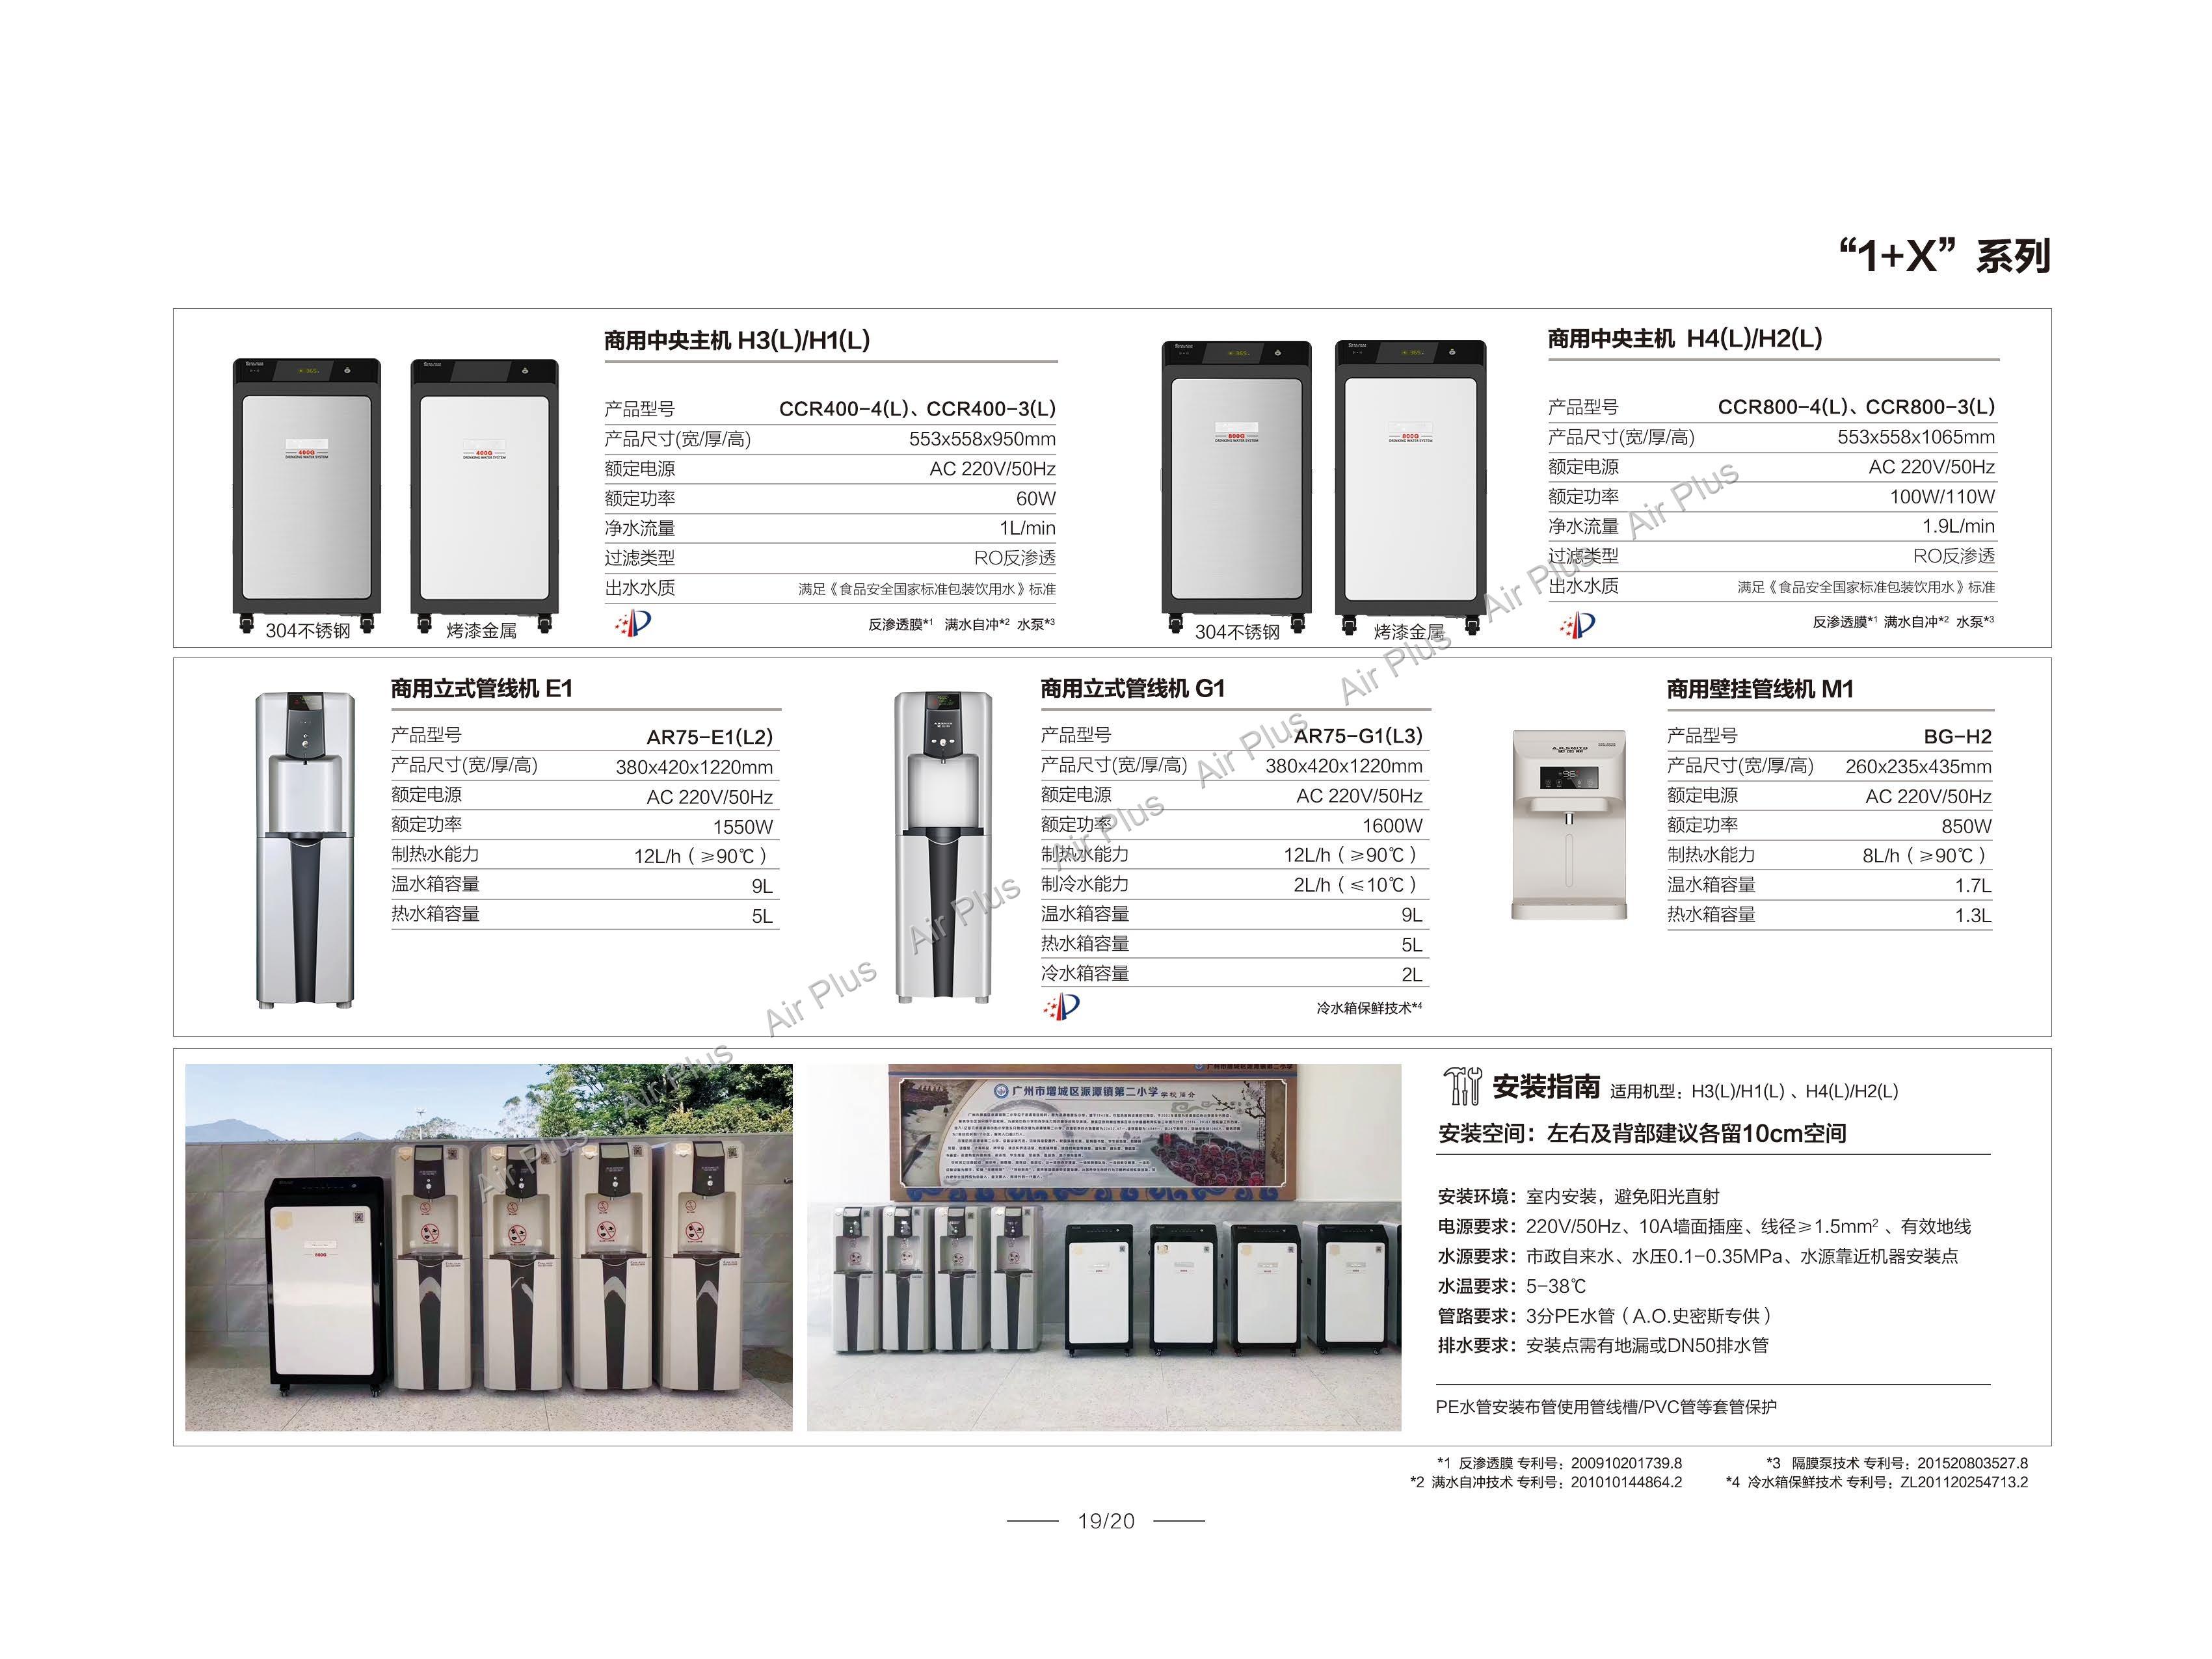 A.O.SMITH商用净水产品手册 手机端(1)_页面_21.jpg